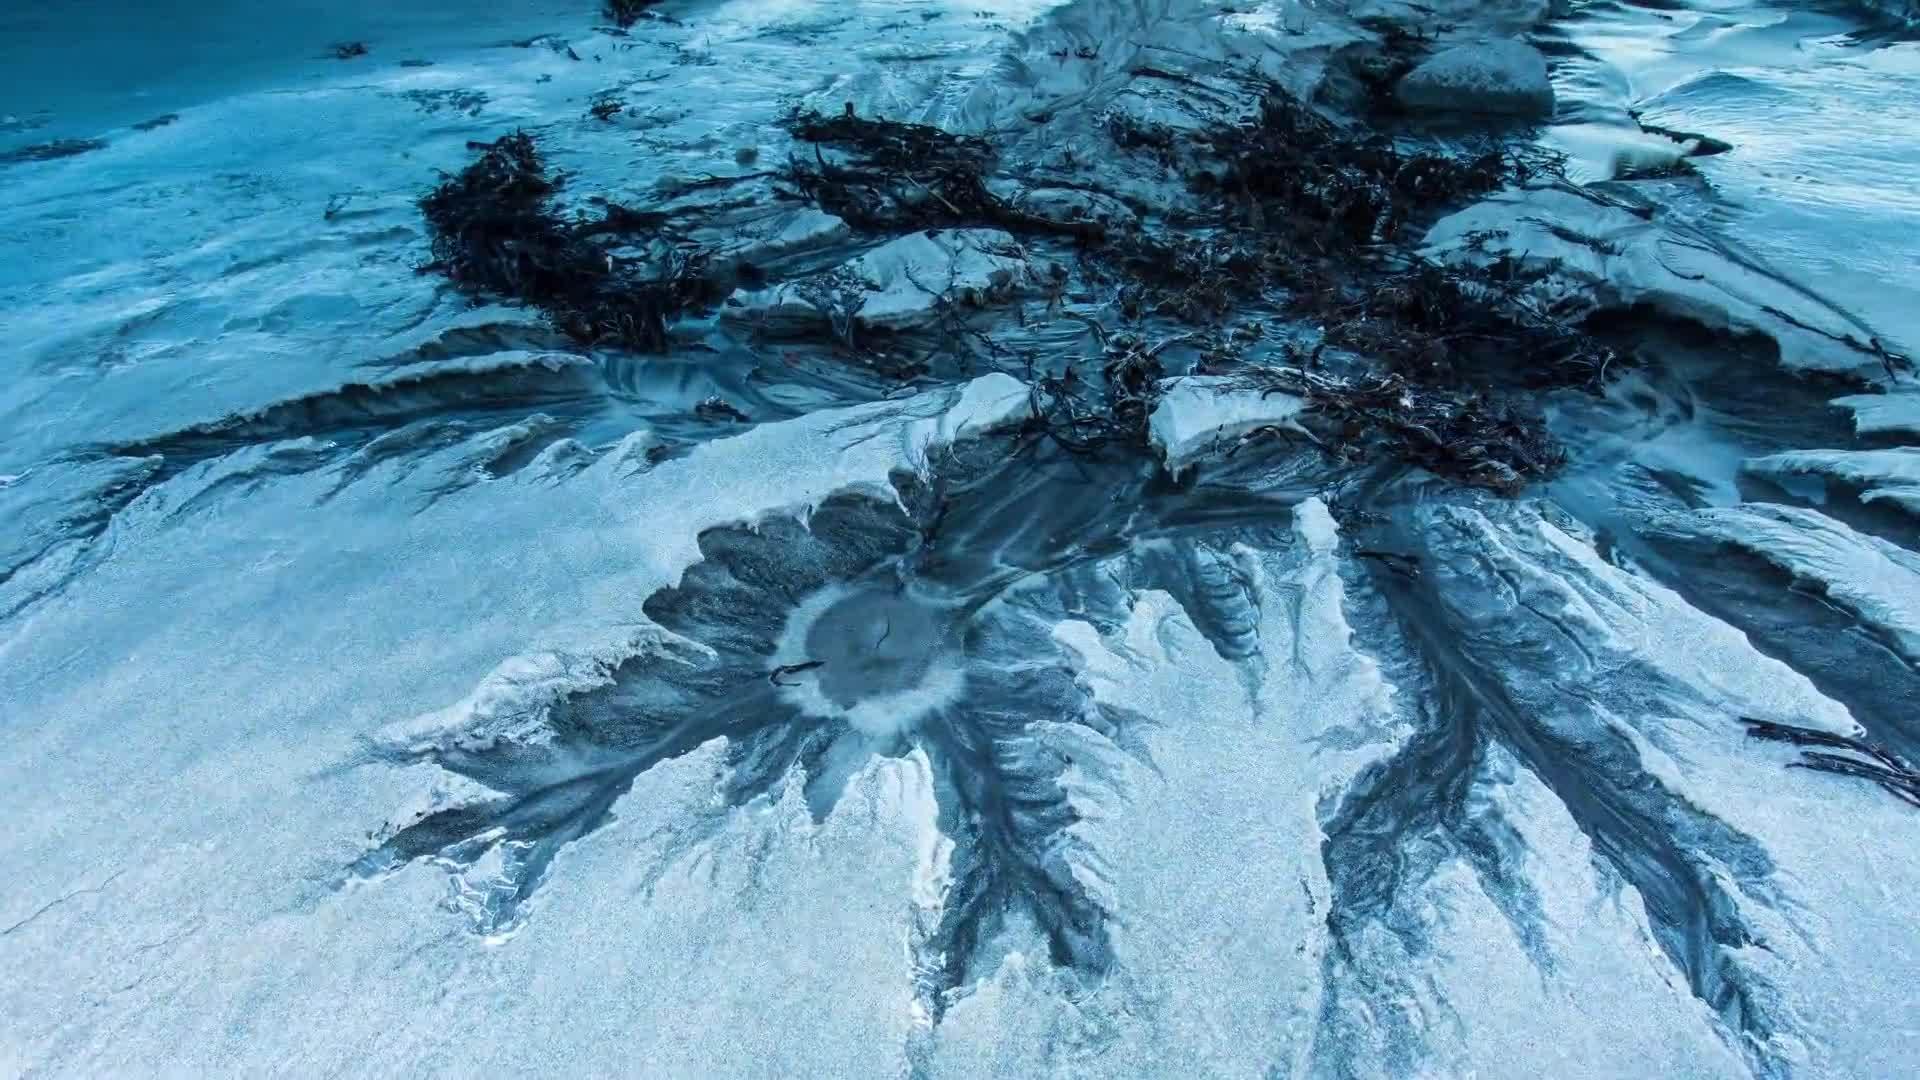 earthgifs, woahdude, Lofoten - A timelapse postcard GIFs